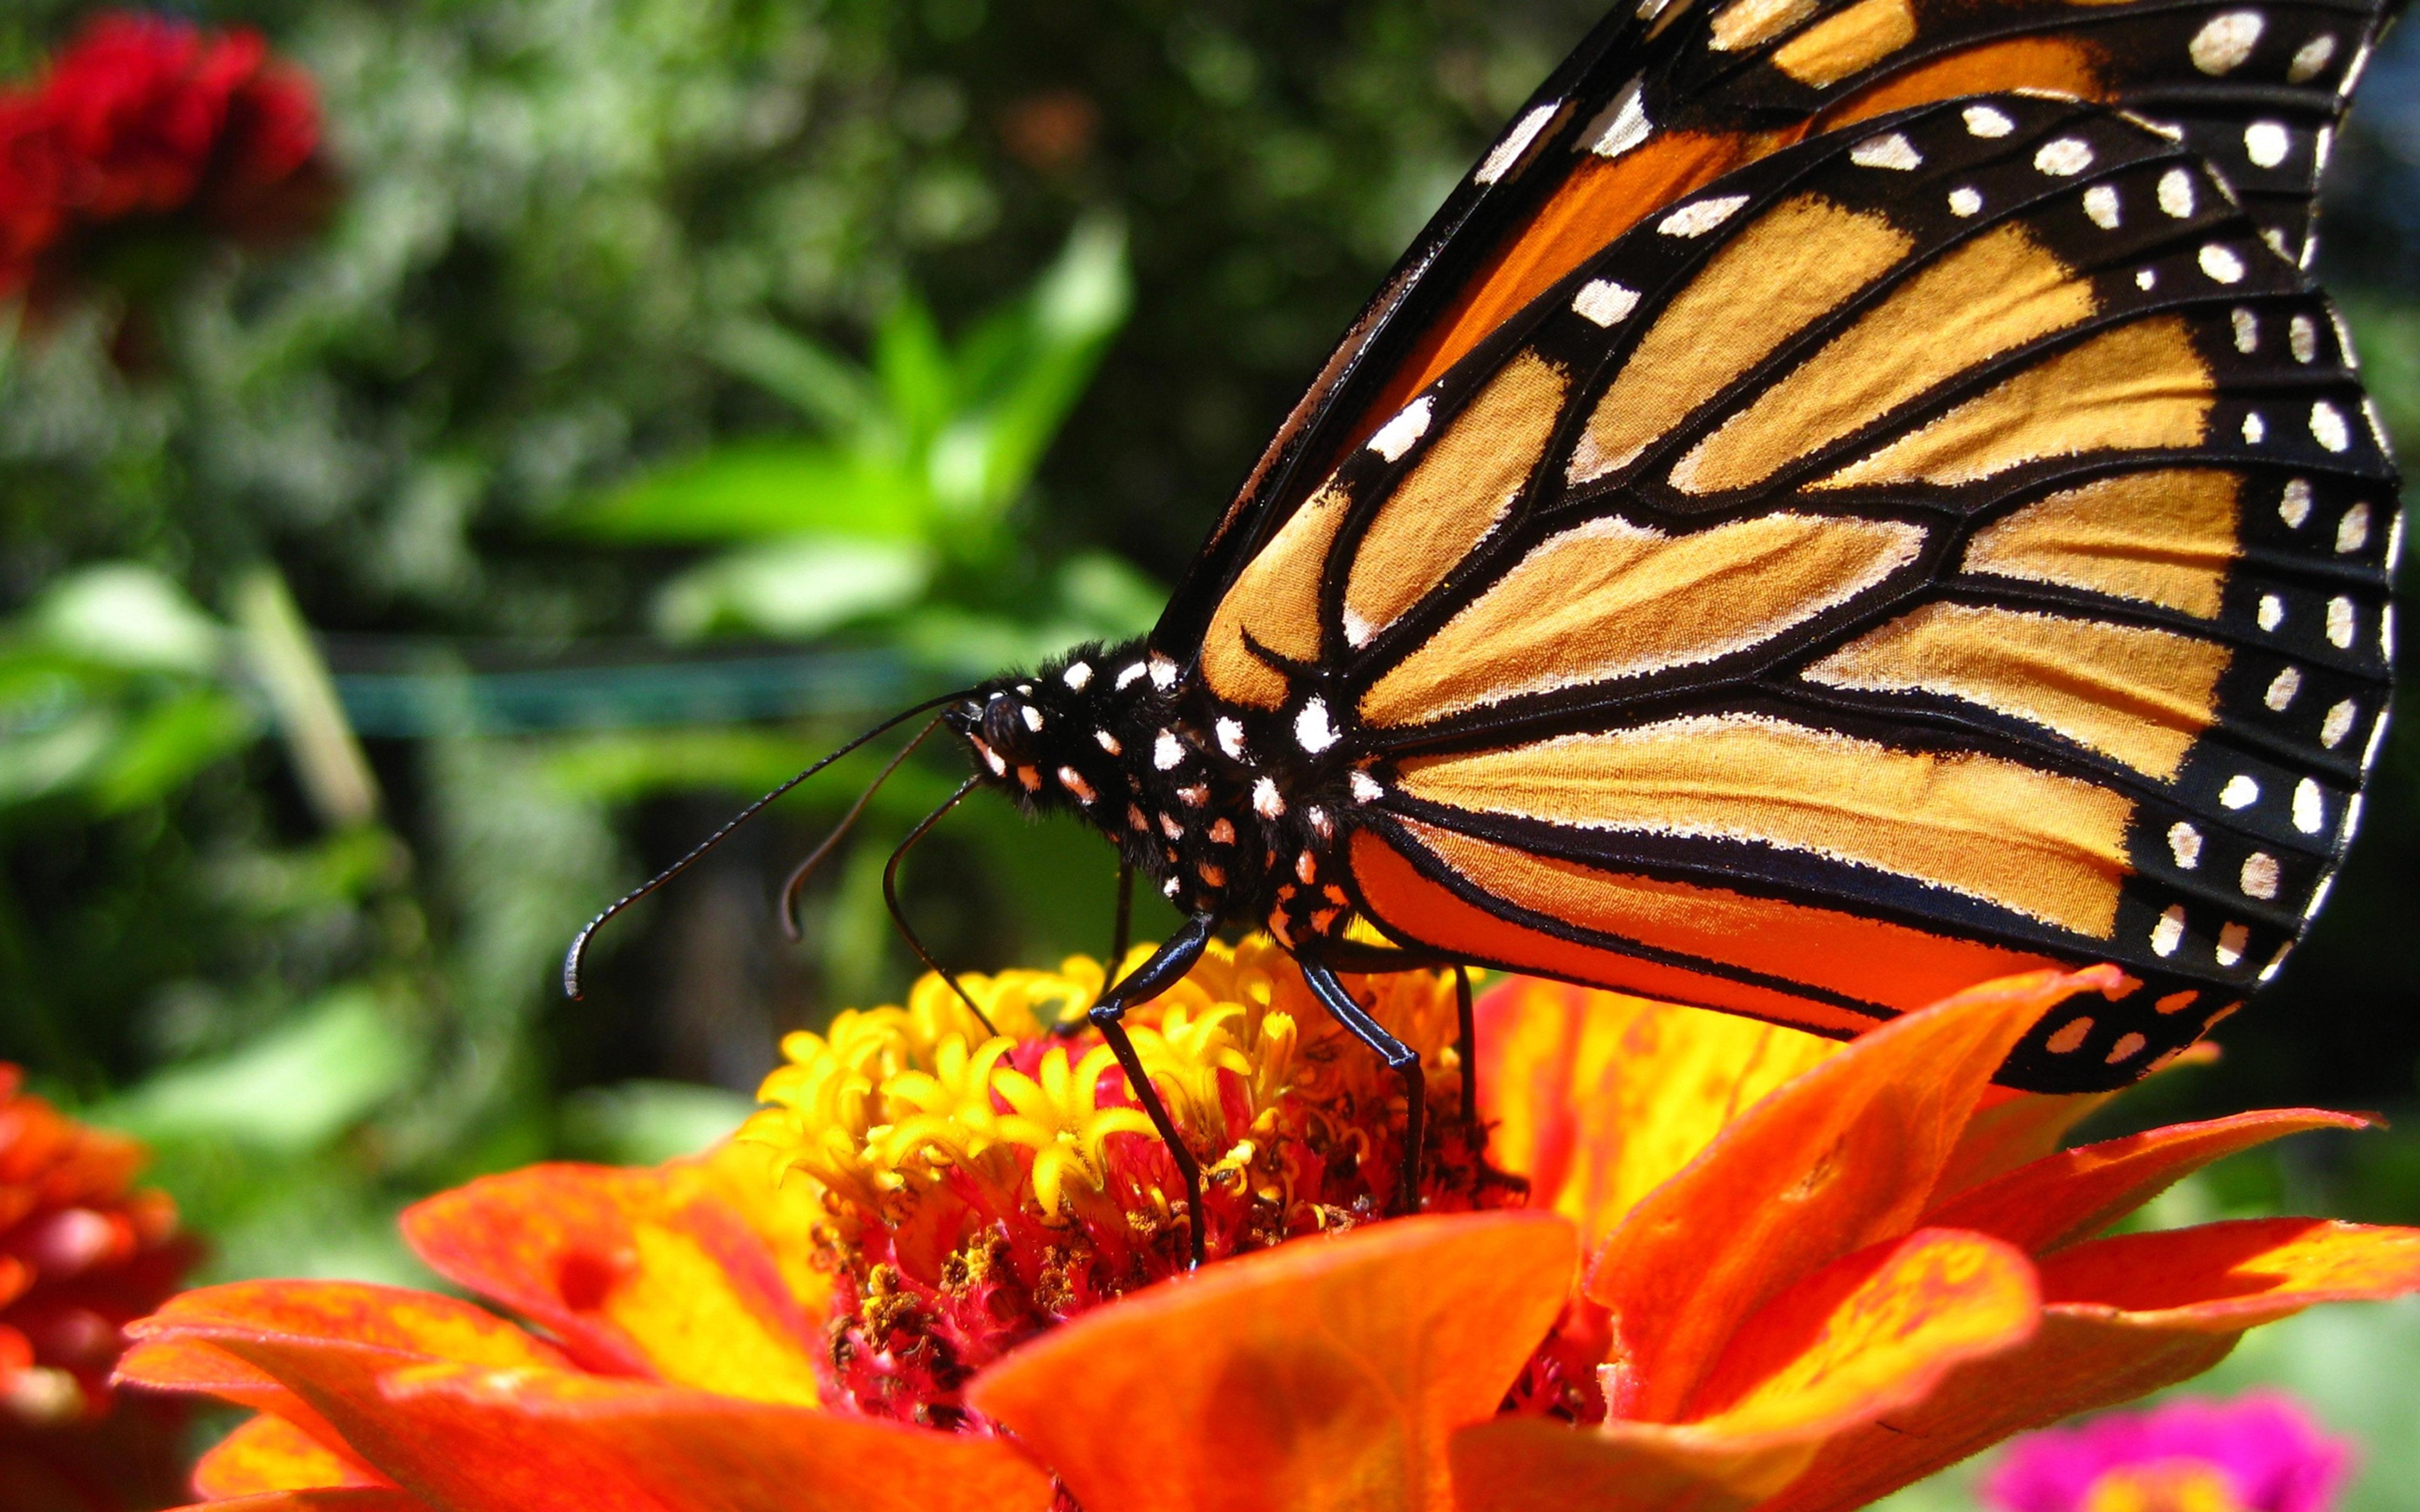 蝴蝶图片 4K高清壁纸 动物壁纸-第4张